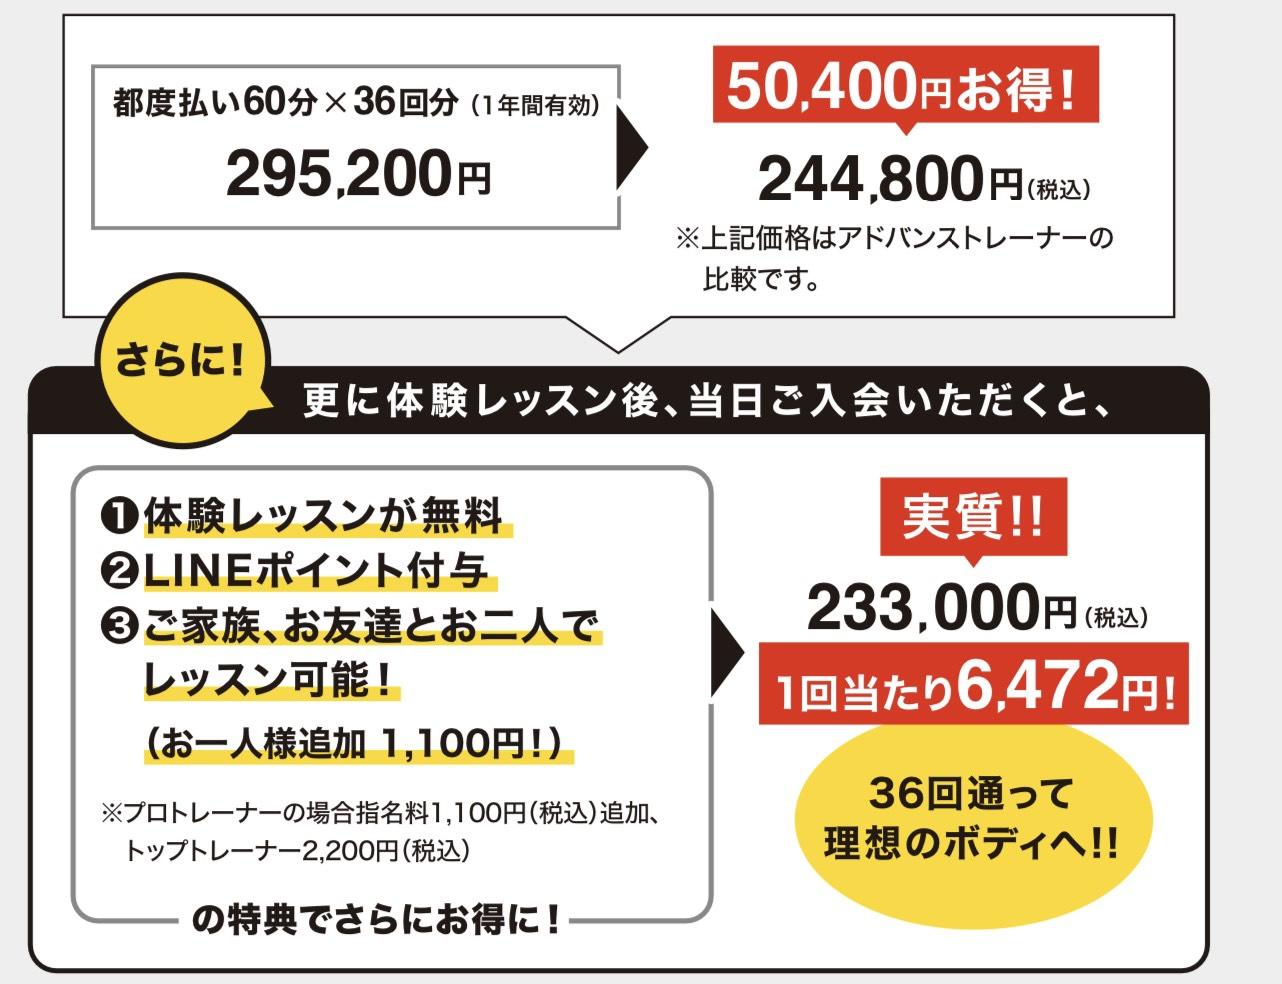 ダイエット・ボディメイク36人気のお得なプラン、大阪の人気パーソナルトレーニング【ファーストクラストレーナーズ】パーソナルジム、ボディメイク、ダイエット、筋トレ、スタイルアップ